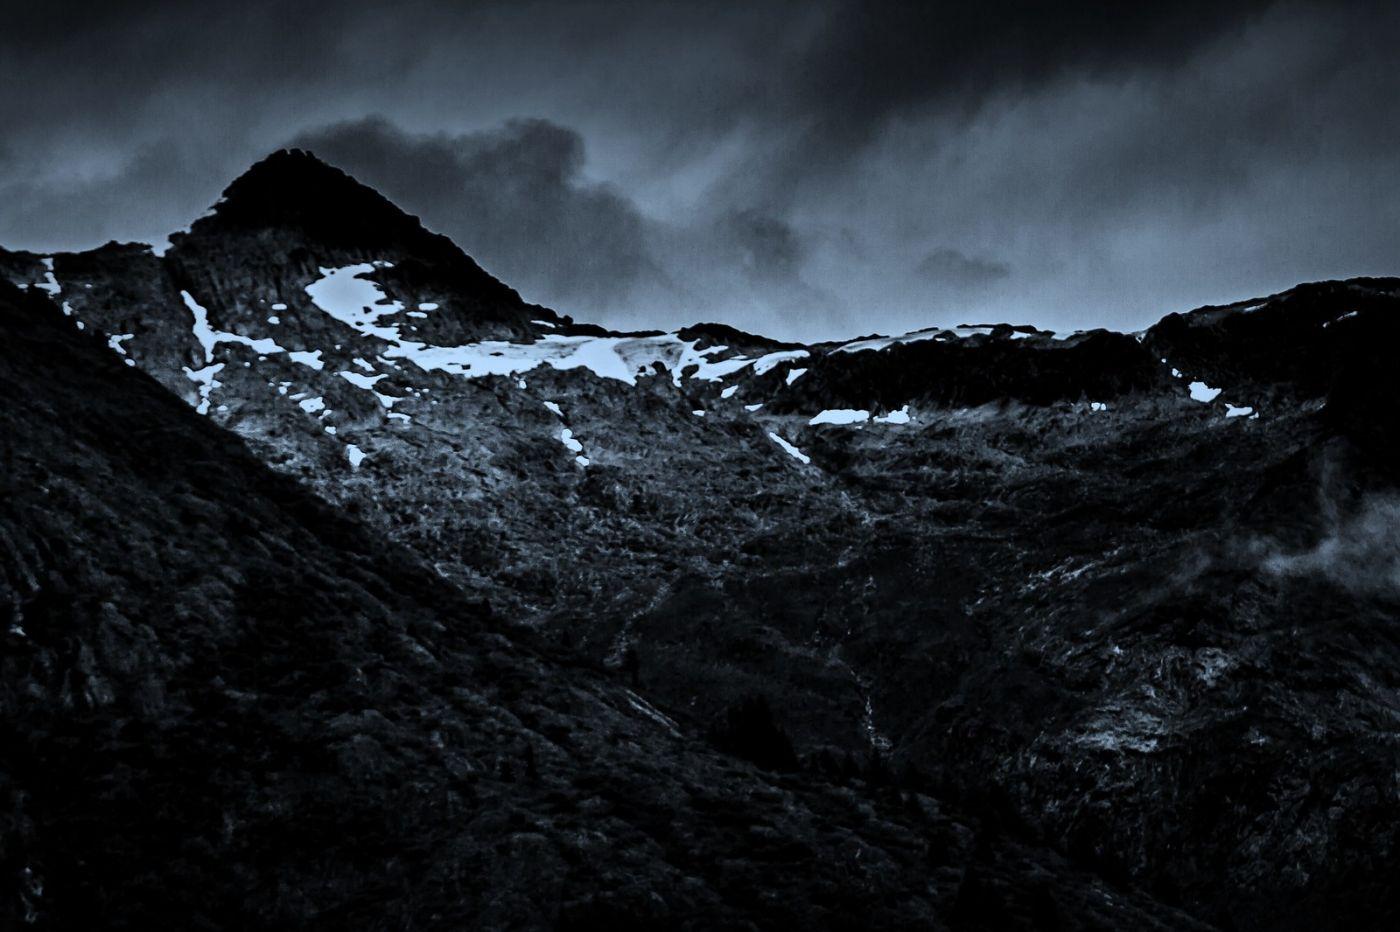 阿拉斯加,高处不胜寒_图1-19